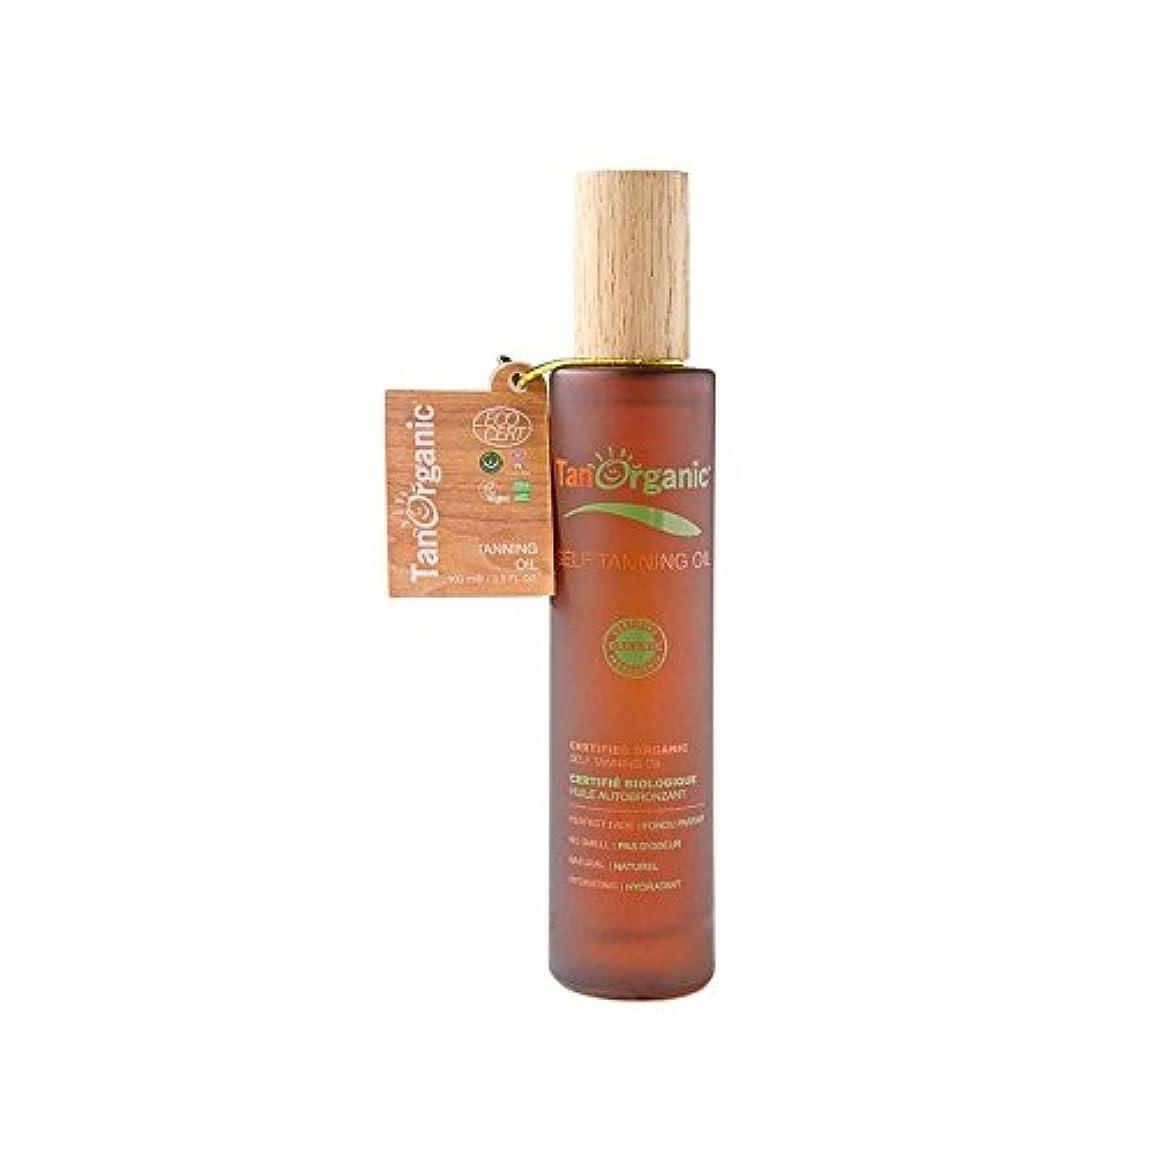 汚物慰め動Tanorganic自己日焼け顔&ボディオイル (Tan Organic) (x 2) - TanOrganic Self-Tan Face & Body Oil (Pack of 2) [並行輸入品]